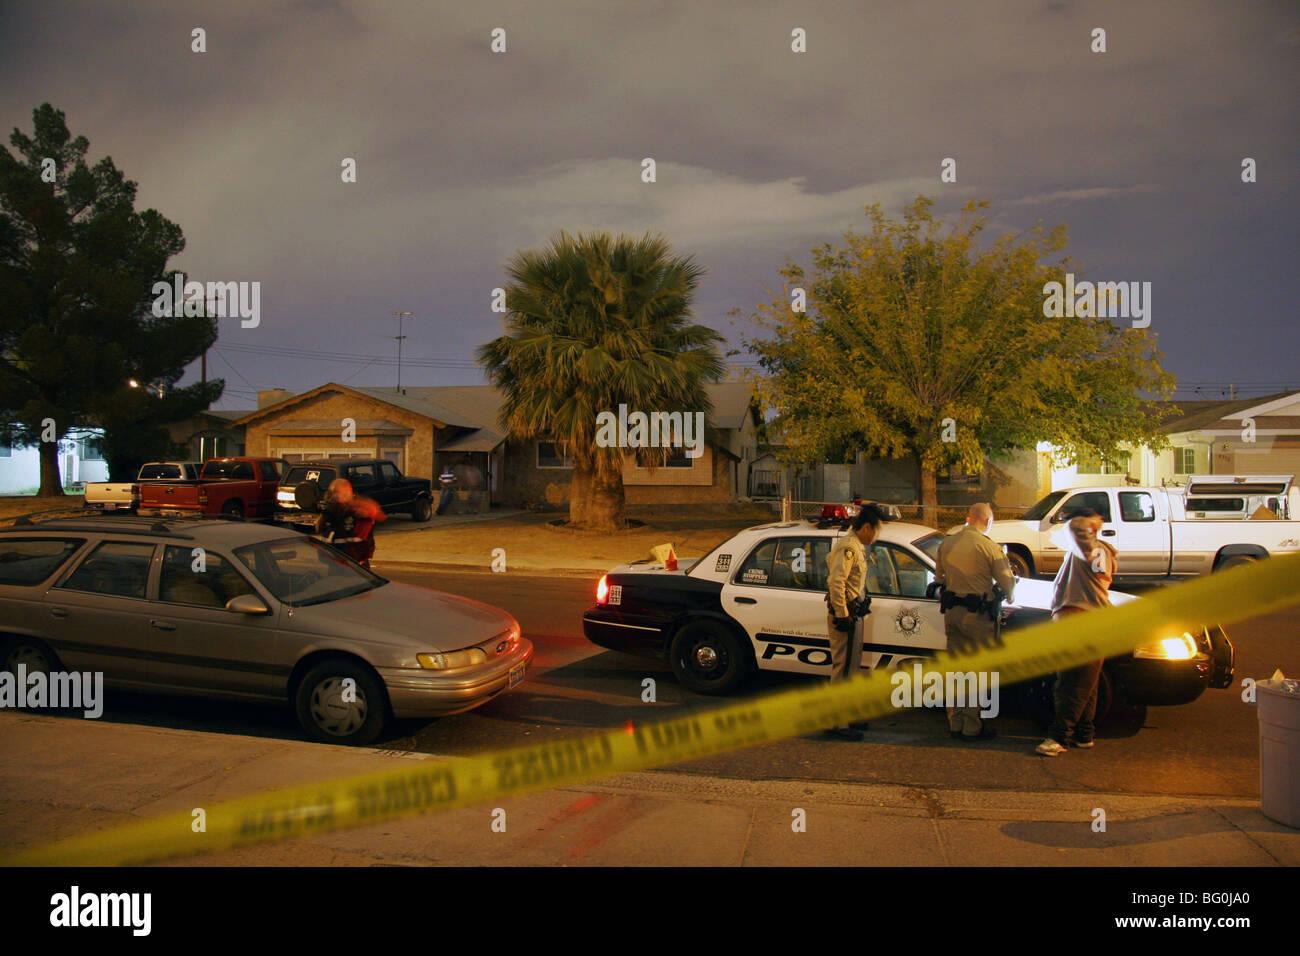 Las Vegas la polizia e CSI sulla scena del crimine a tarda notte, Las Vegas, Nevada, USA. Immagini Stock